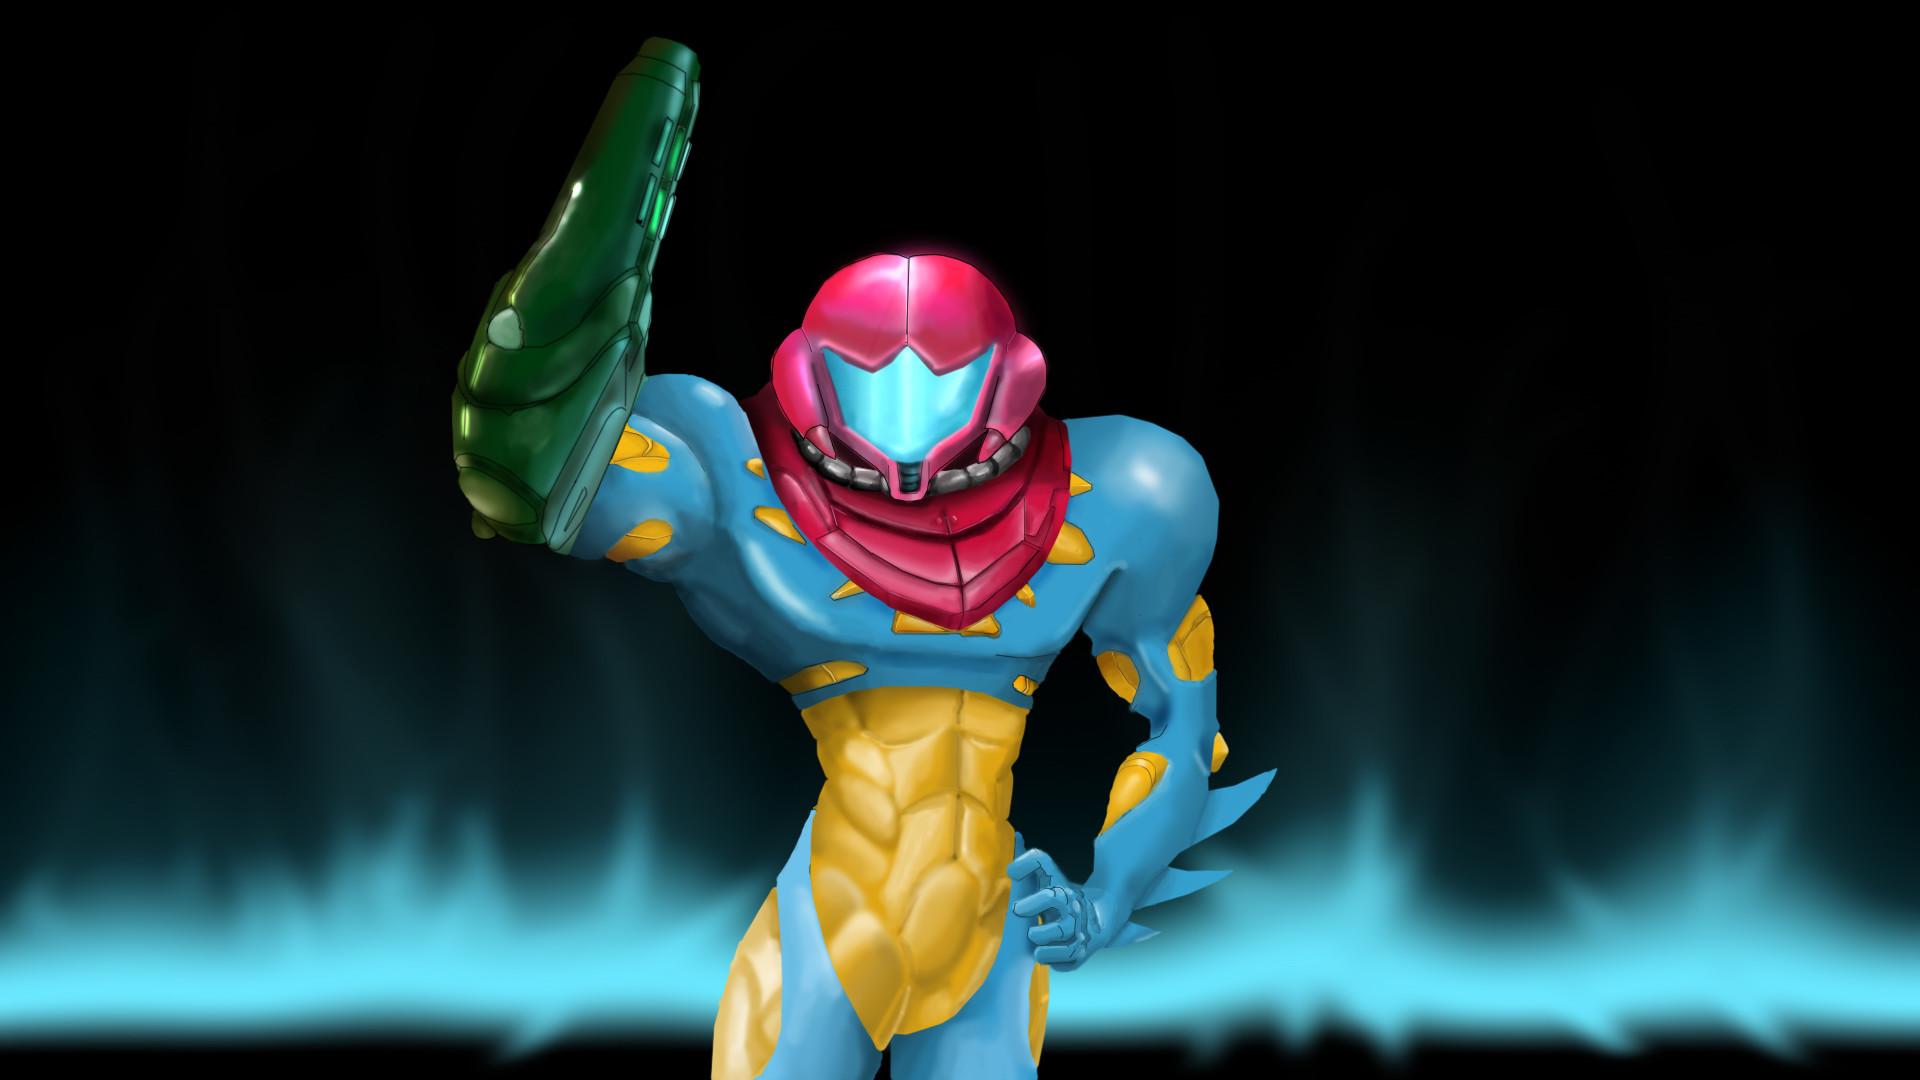 Fusion Suit Samus by CaptainPsychopath Fusion Suit Samus by  CaptainPsychopath